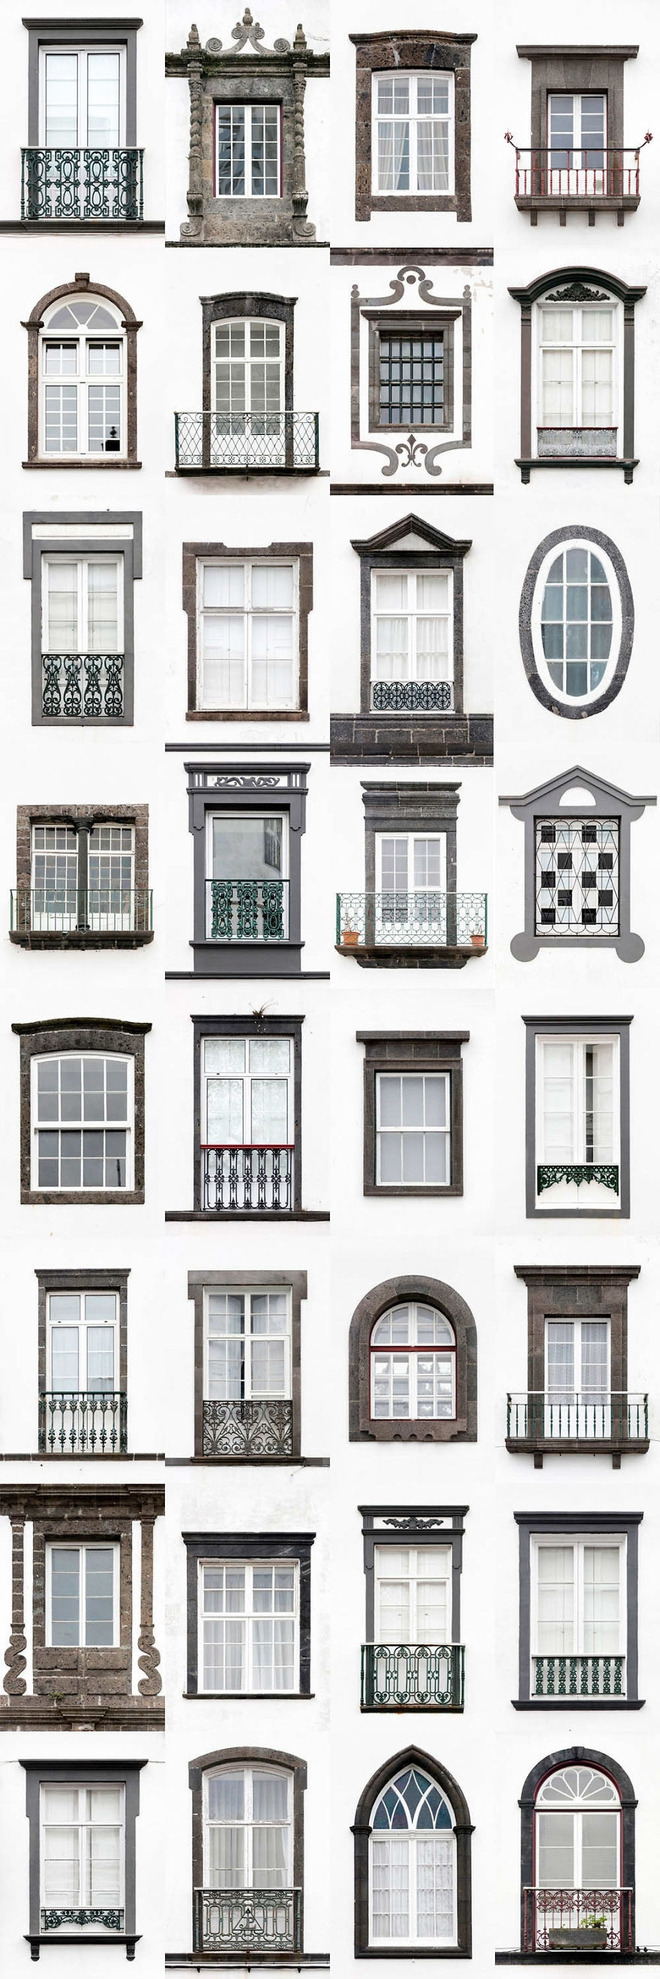 Mãn nhãn với 14 phong cách thiết kế cửa sổ ấn tượng ở Bồ Đào Nha - Ảnh 5.